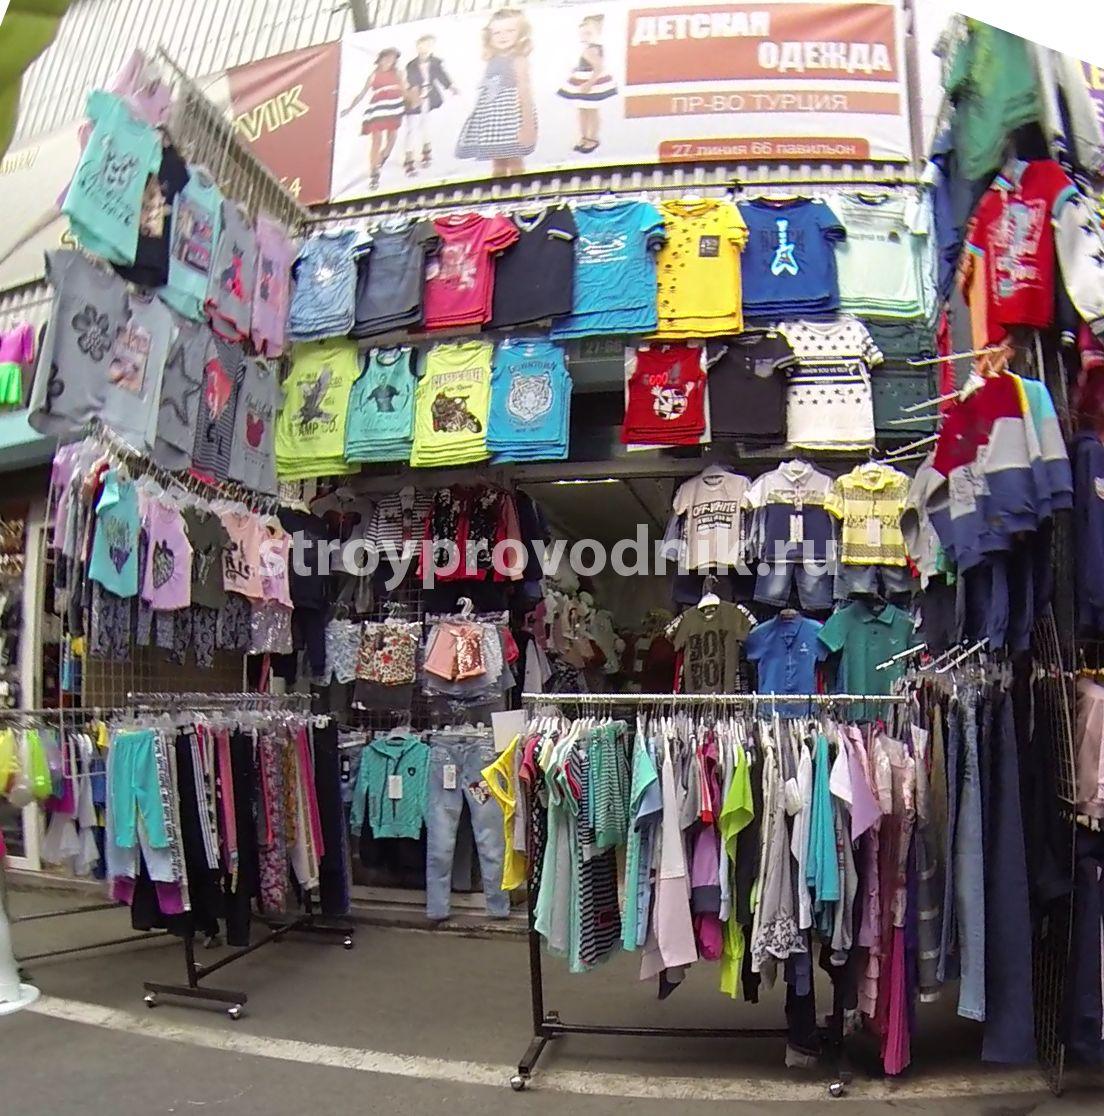 02c021a7f «Детская одежда из Турции», Садовод, 27-66 (линия 27, павильон 66) одежда, детская  одежда, детские джинсы, детские футболки, детский трикотаж. «